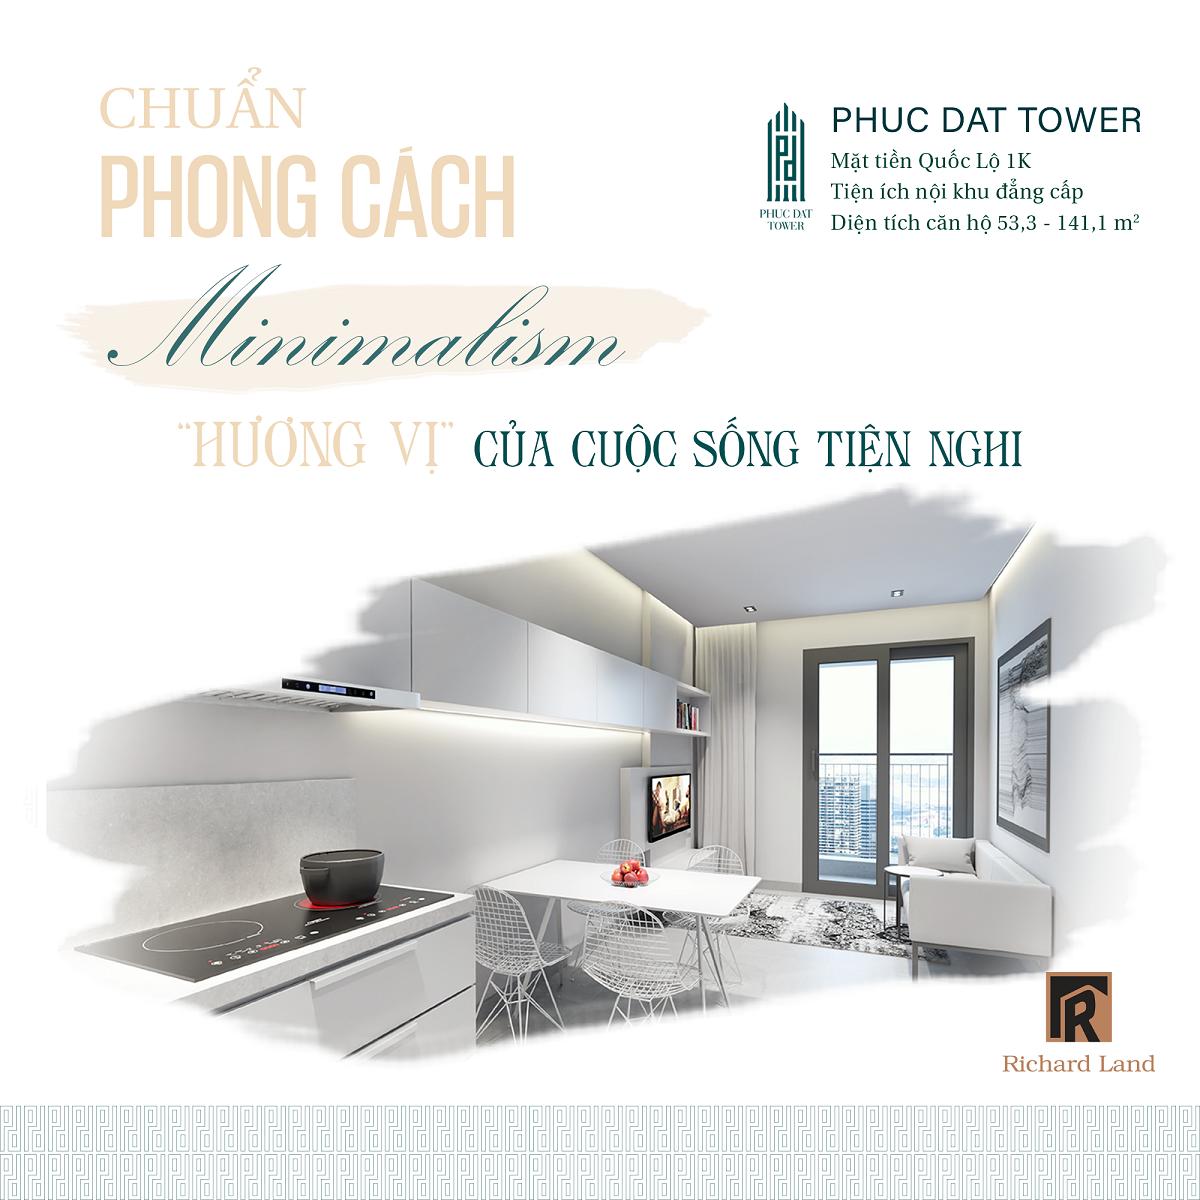 thiet-ke-du-an-phuc-dat-tower